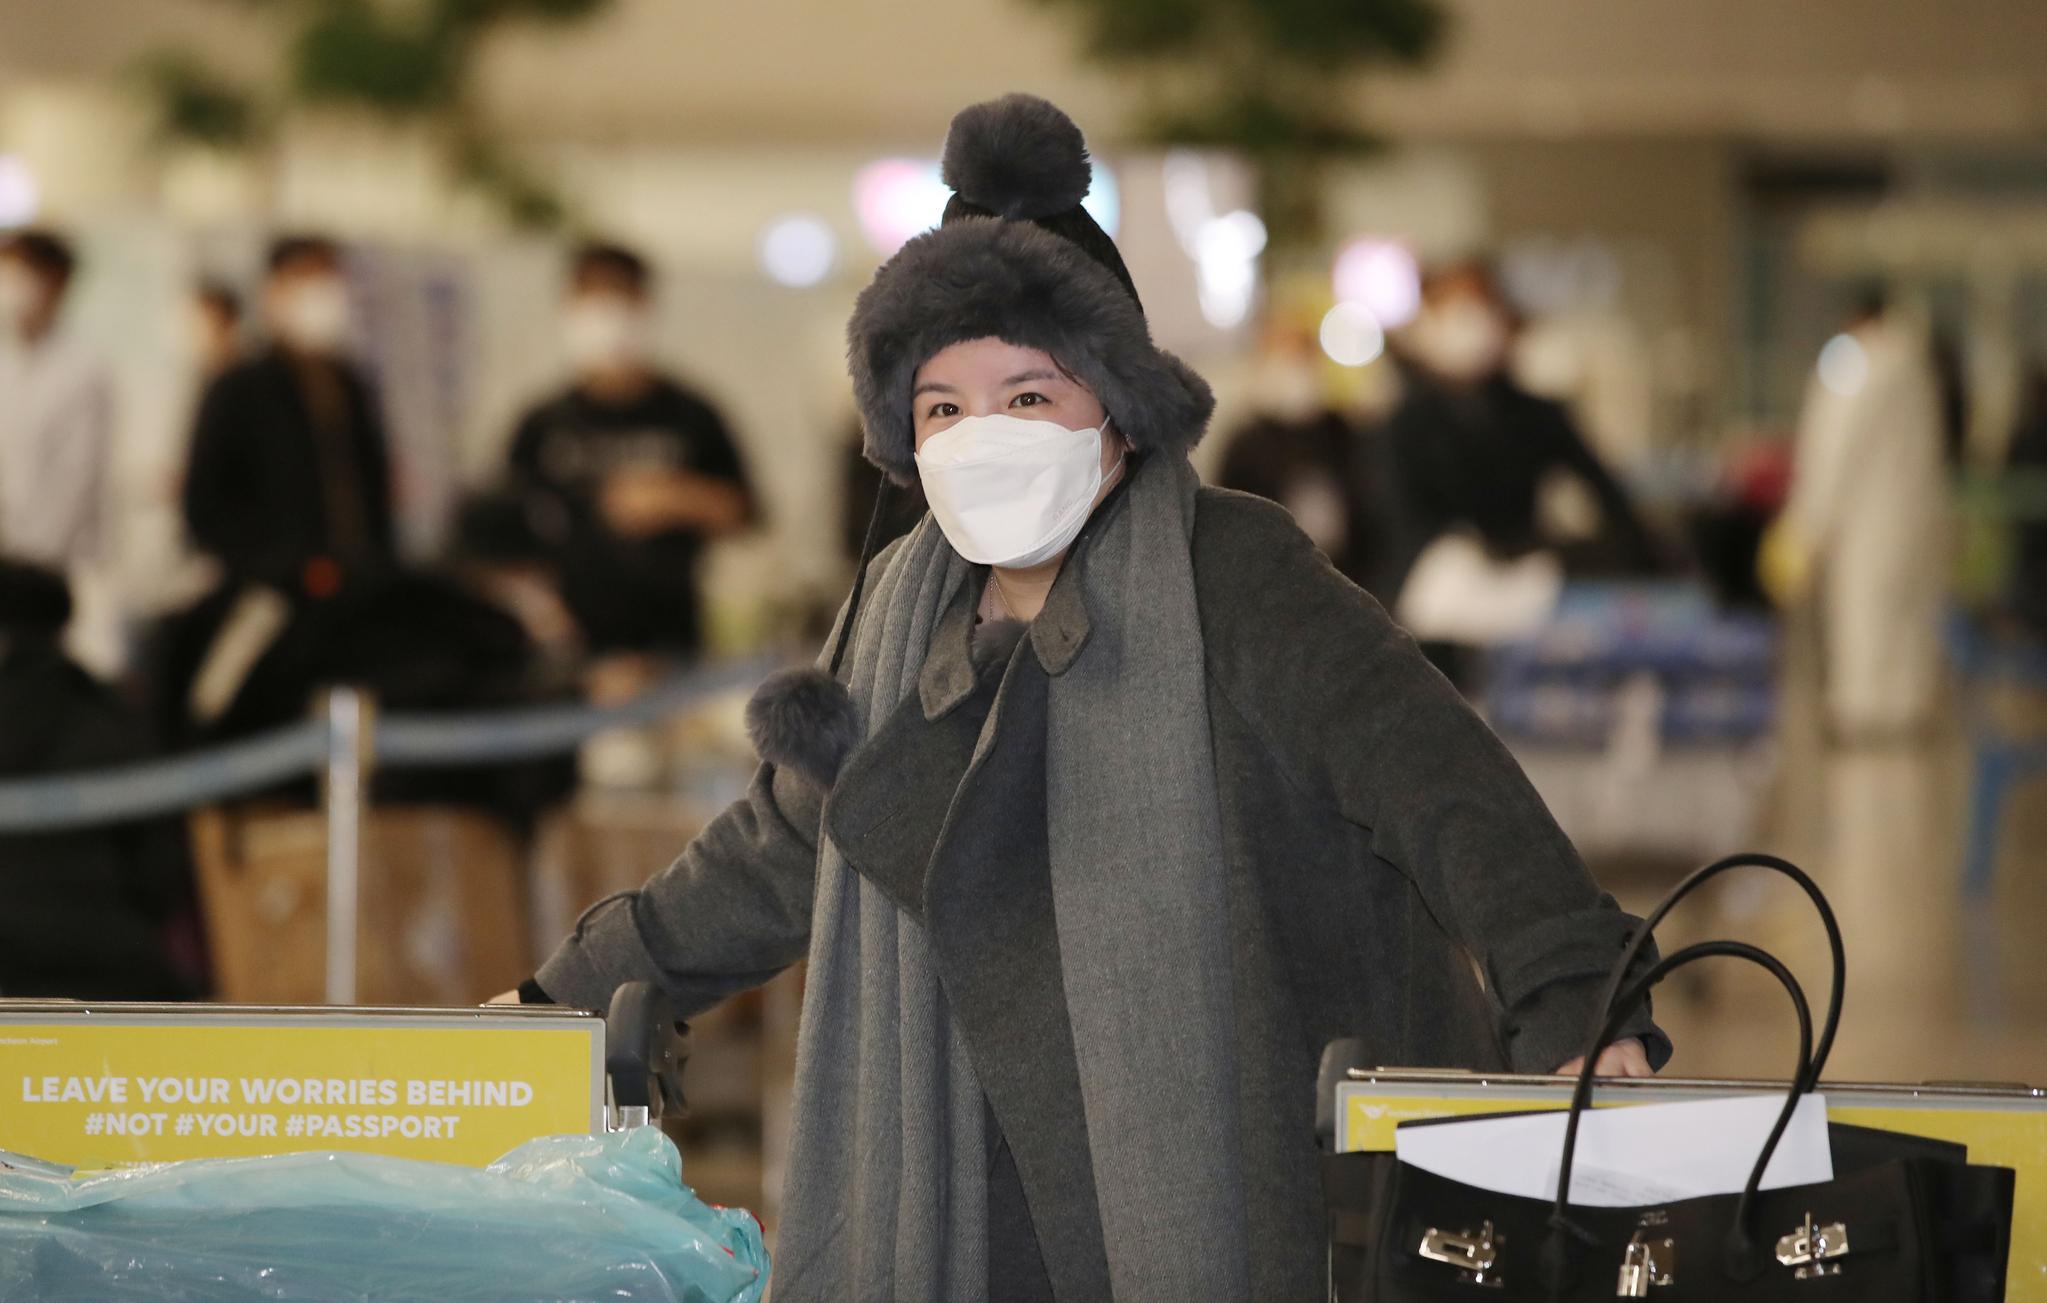 향정신성 의약품을 투약했다 강제출국당한 방송인 에이미가 20일 오후 인천국제공항 제2터미널을 통해 귀국하고 있다. 뉴시스